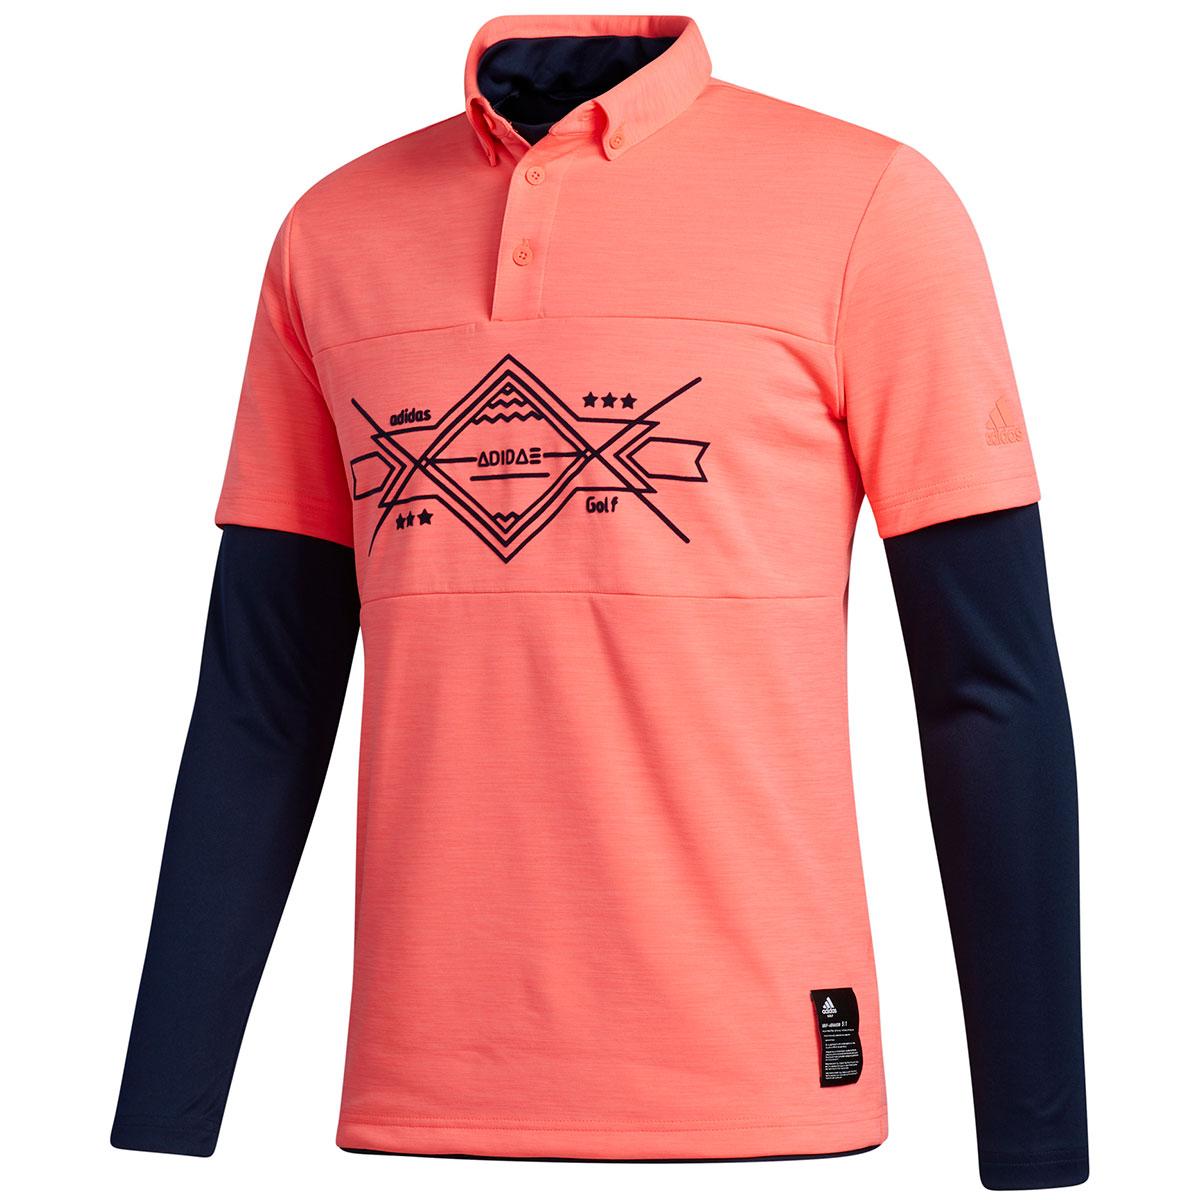 グラフィック レイヤードストレッチ半袖ボタンダウンポロシャツ